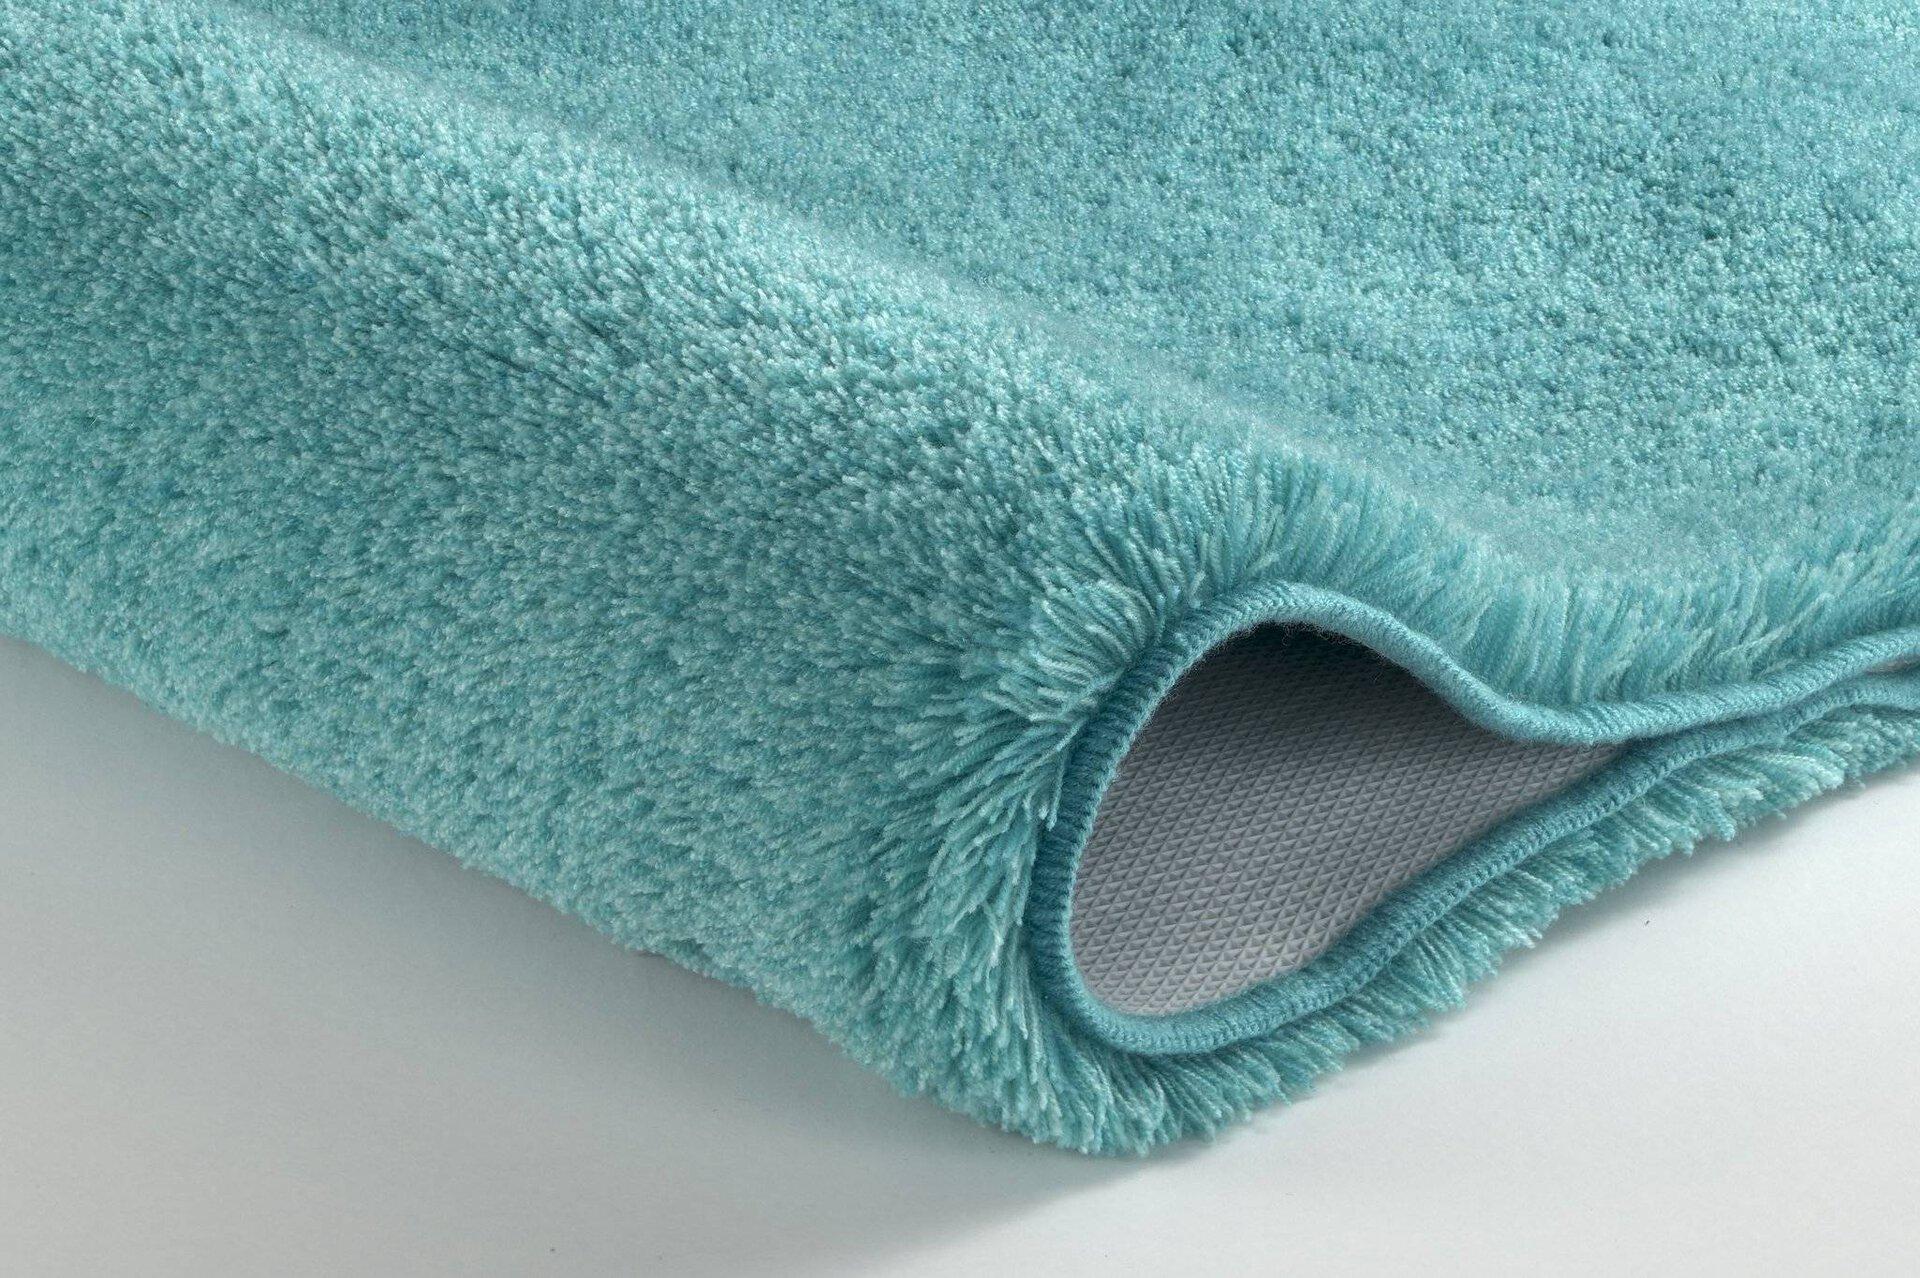 Badteppich Relax Kleine Wolke Textil 80 x 3 x 80 cm